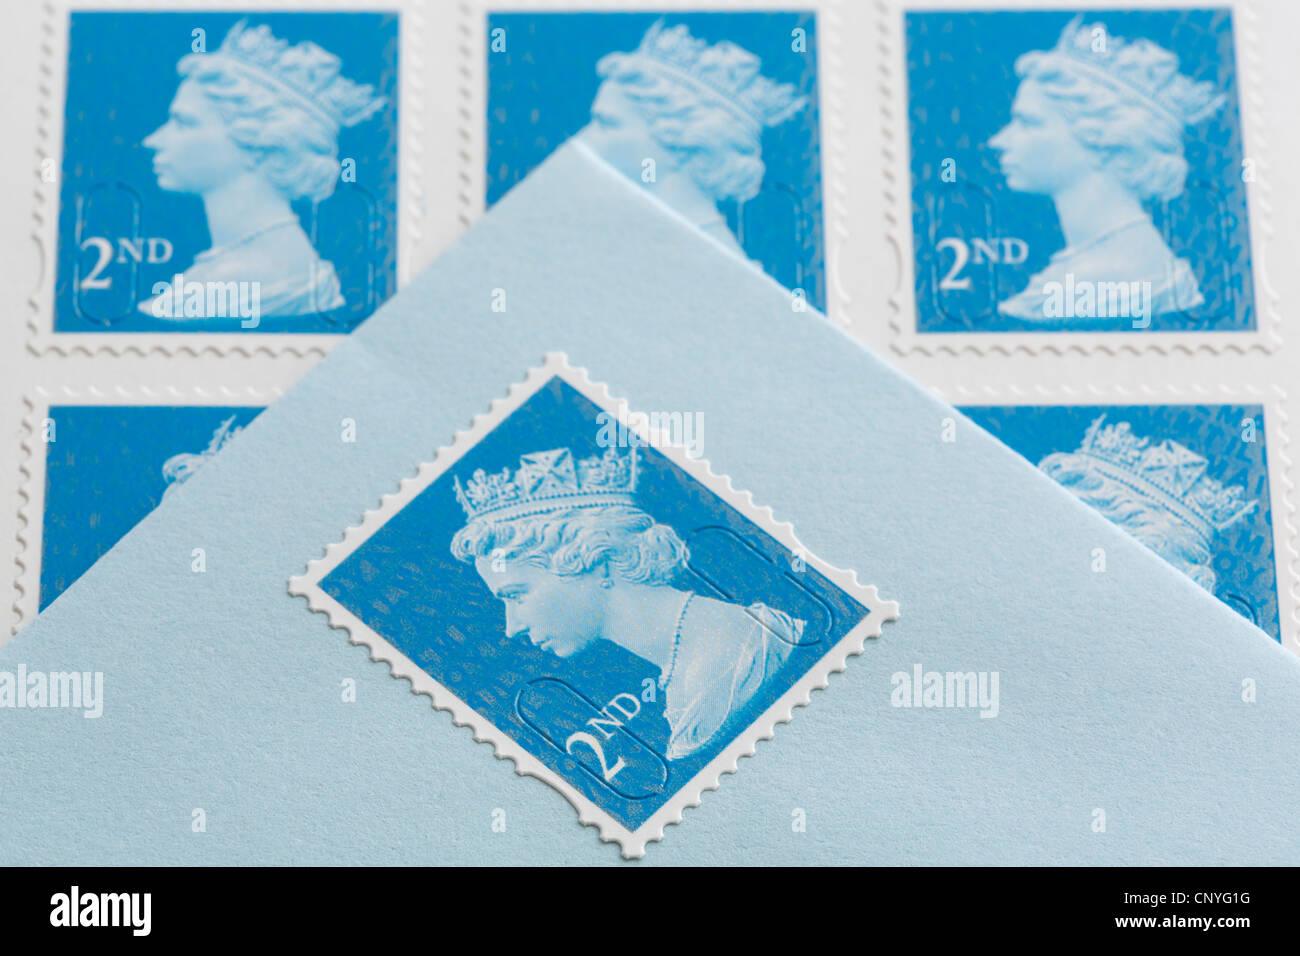 Le Royaume-Uni, la Grande-Bretagne. Royal Mail timbres postaux et de deuxième classe une enveloppe avec un timbre Banque D'Images